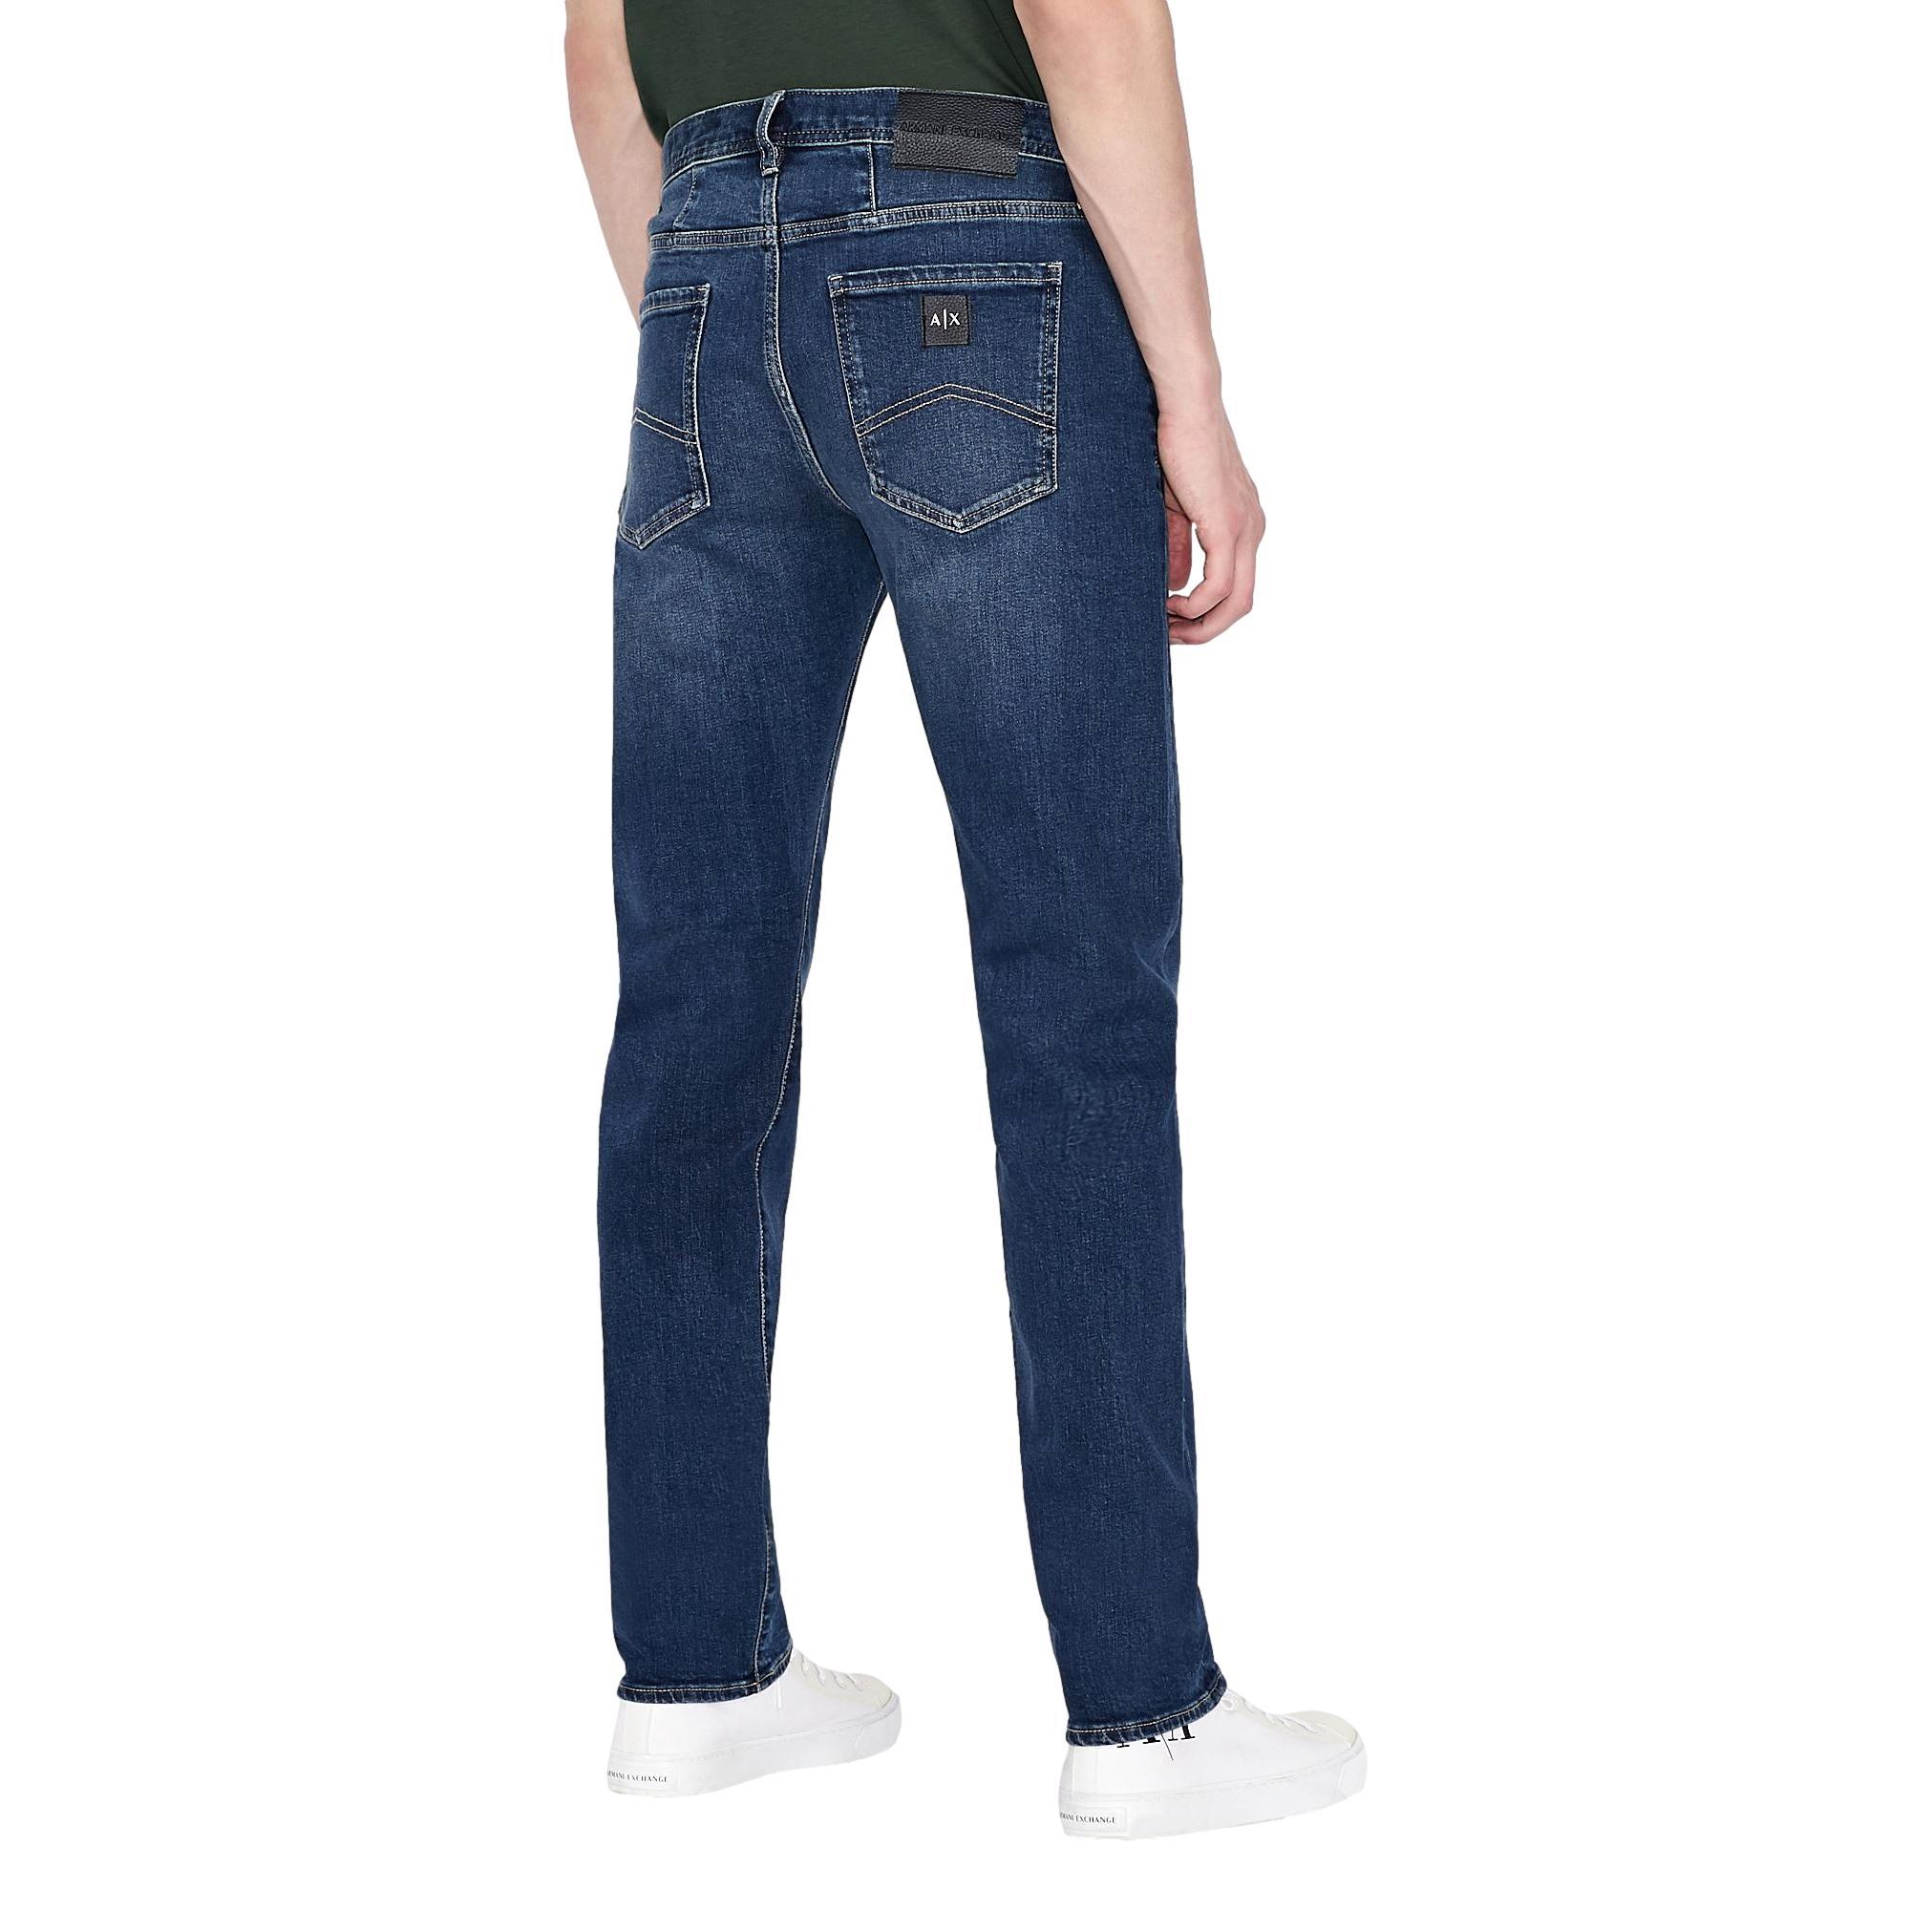 Jeans slim fit ARMANI EXCHANGE |  | 8NZJ14 Z3SAZ1500